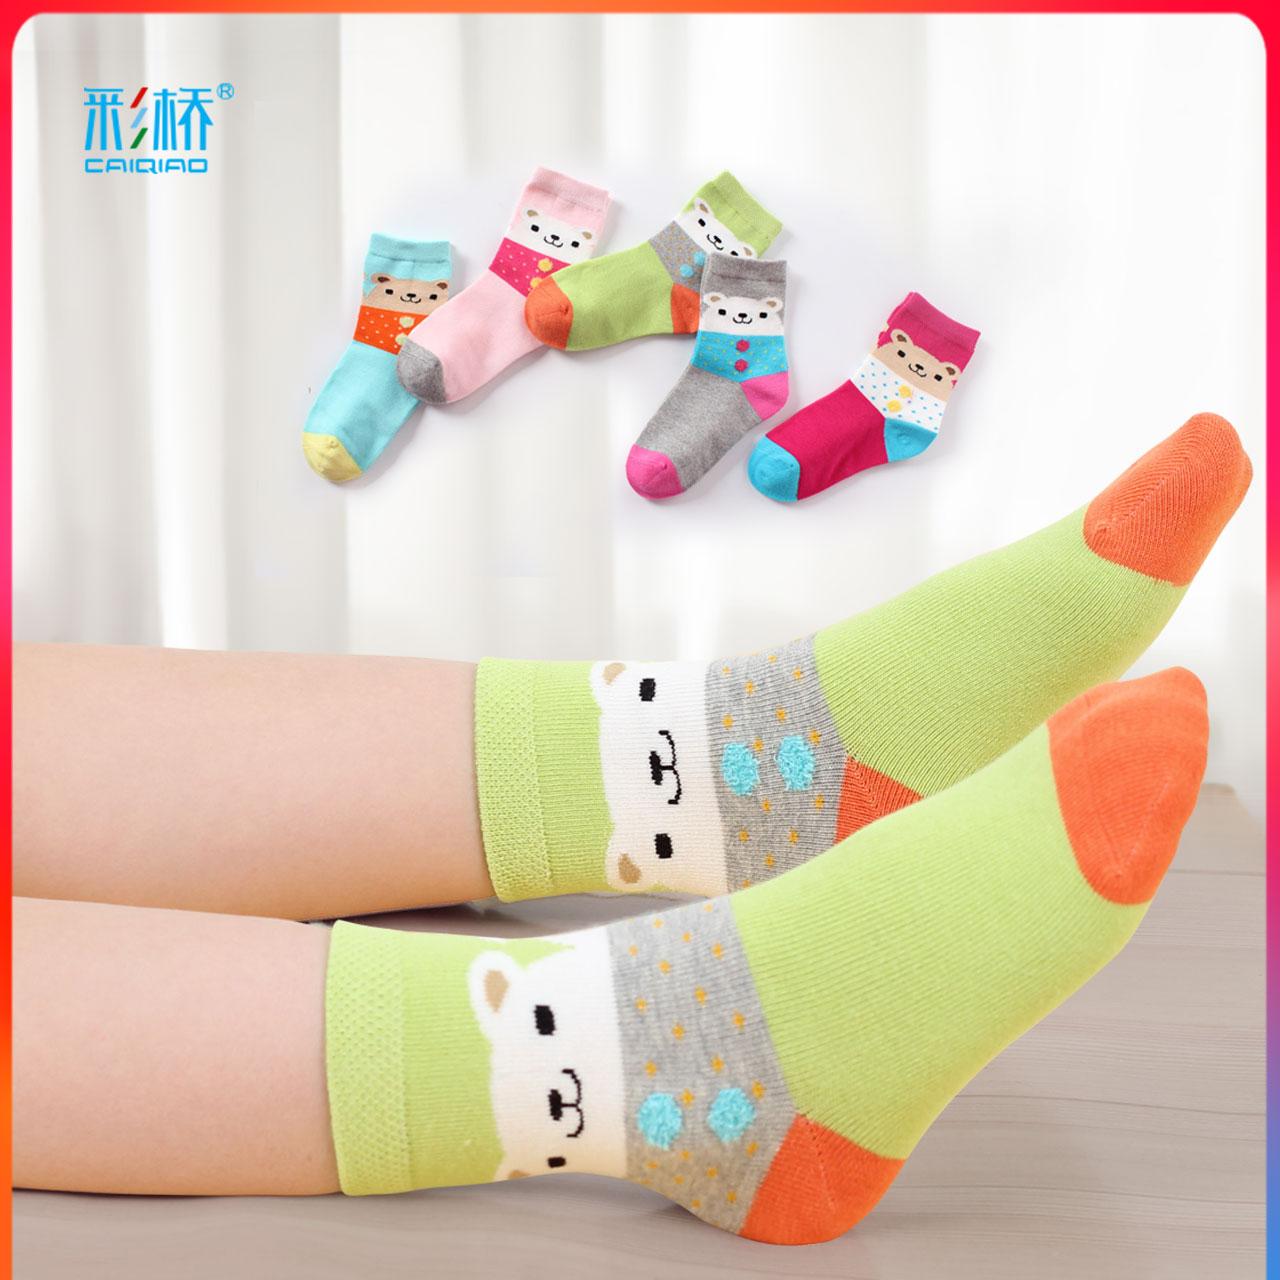 兒童襪子秋冬棉襪女童男童小孩中大童學生短襪厚款保暖3-5-7-9歲